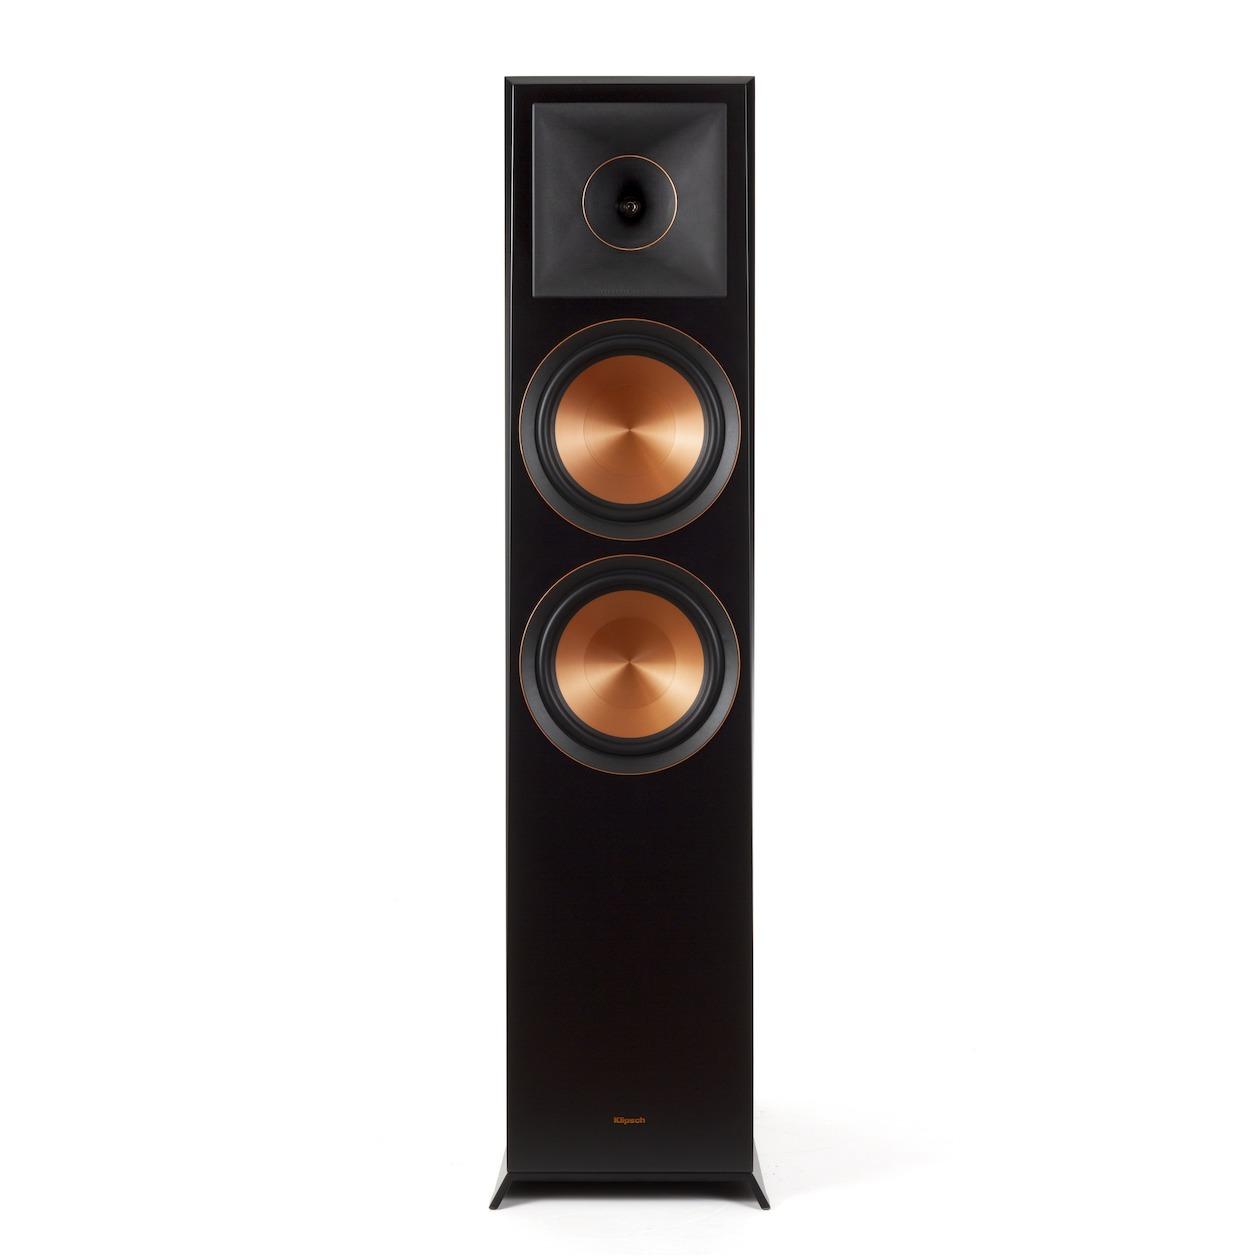 Klipsch vloerstaande speaker RP-8060FA ebbenhout